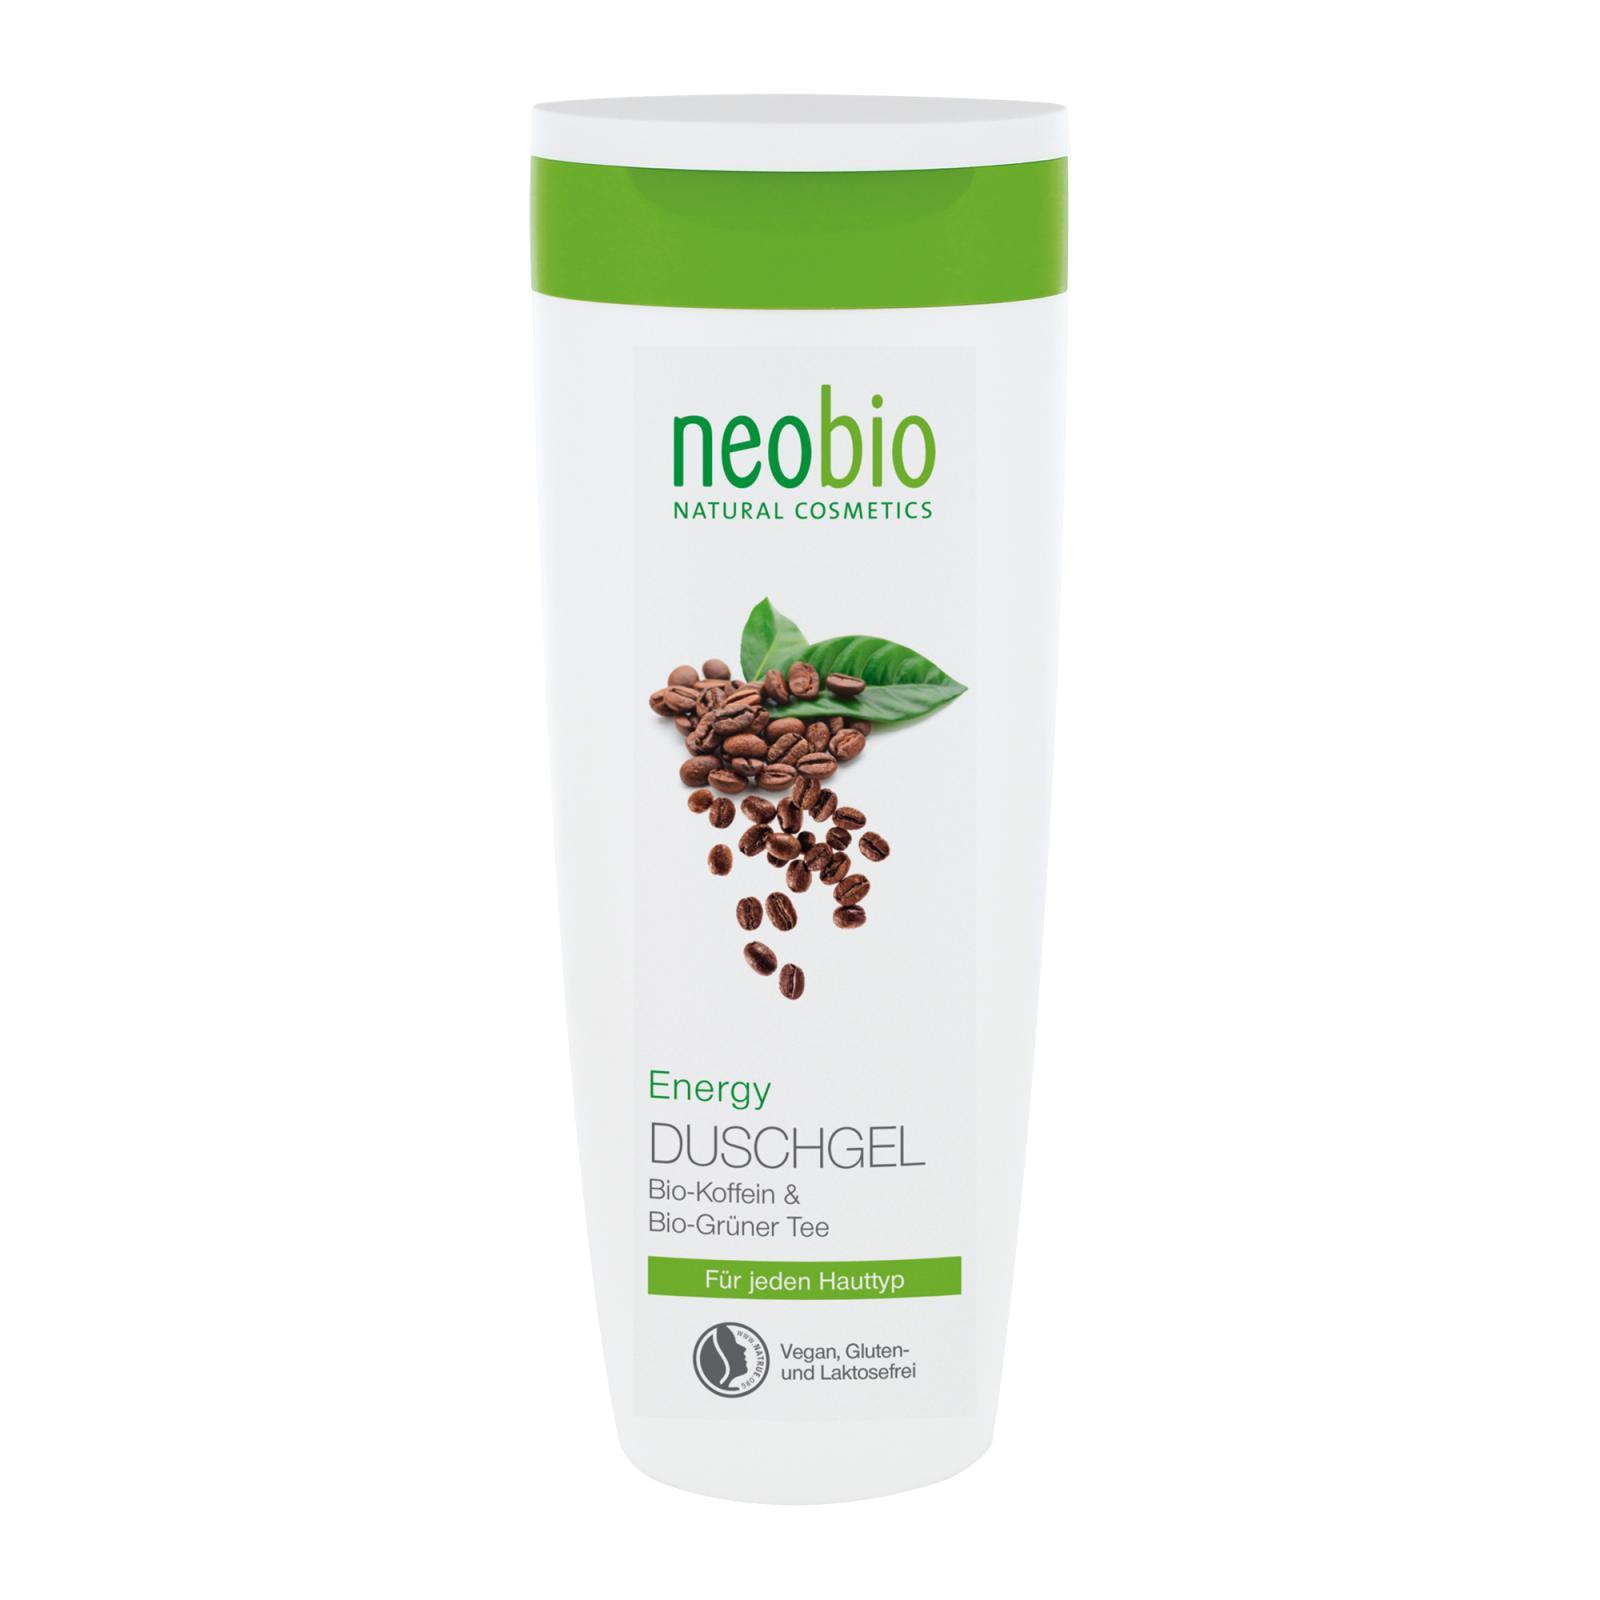 Neobio Sprchový gel Energy 250 ml